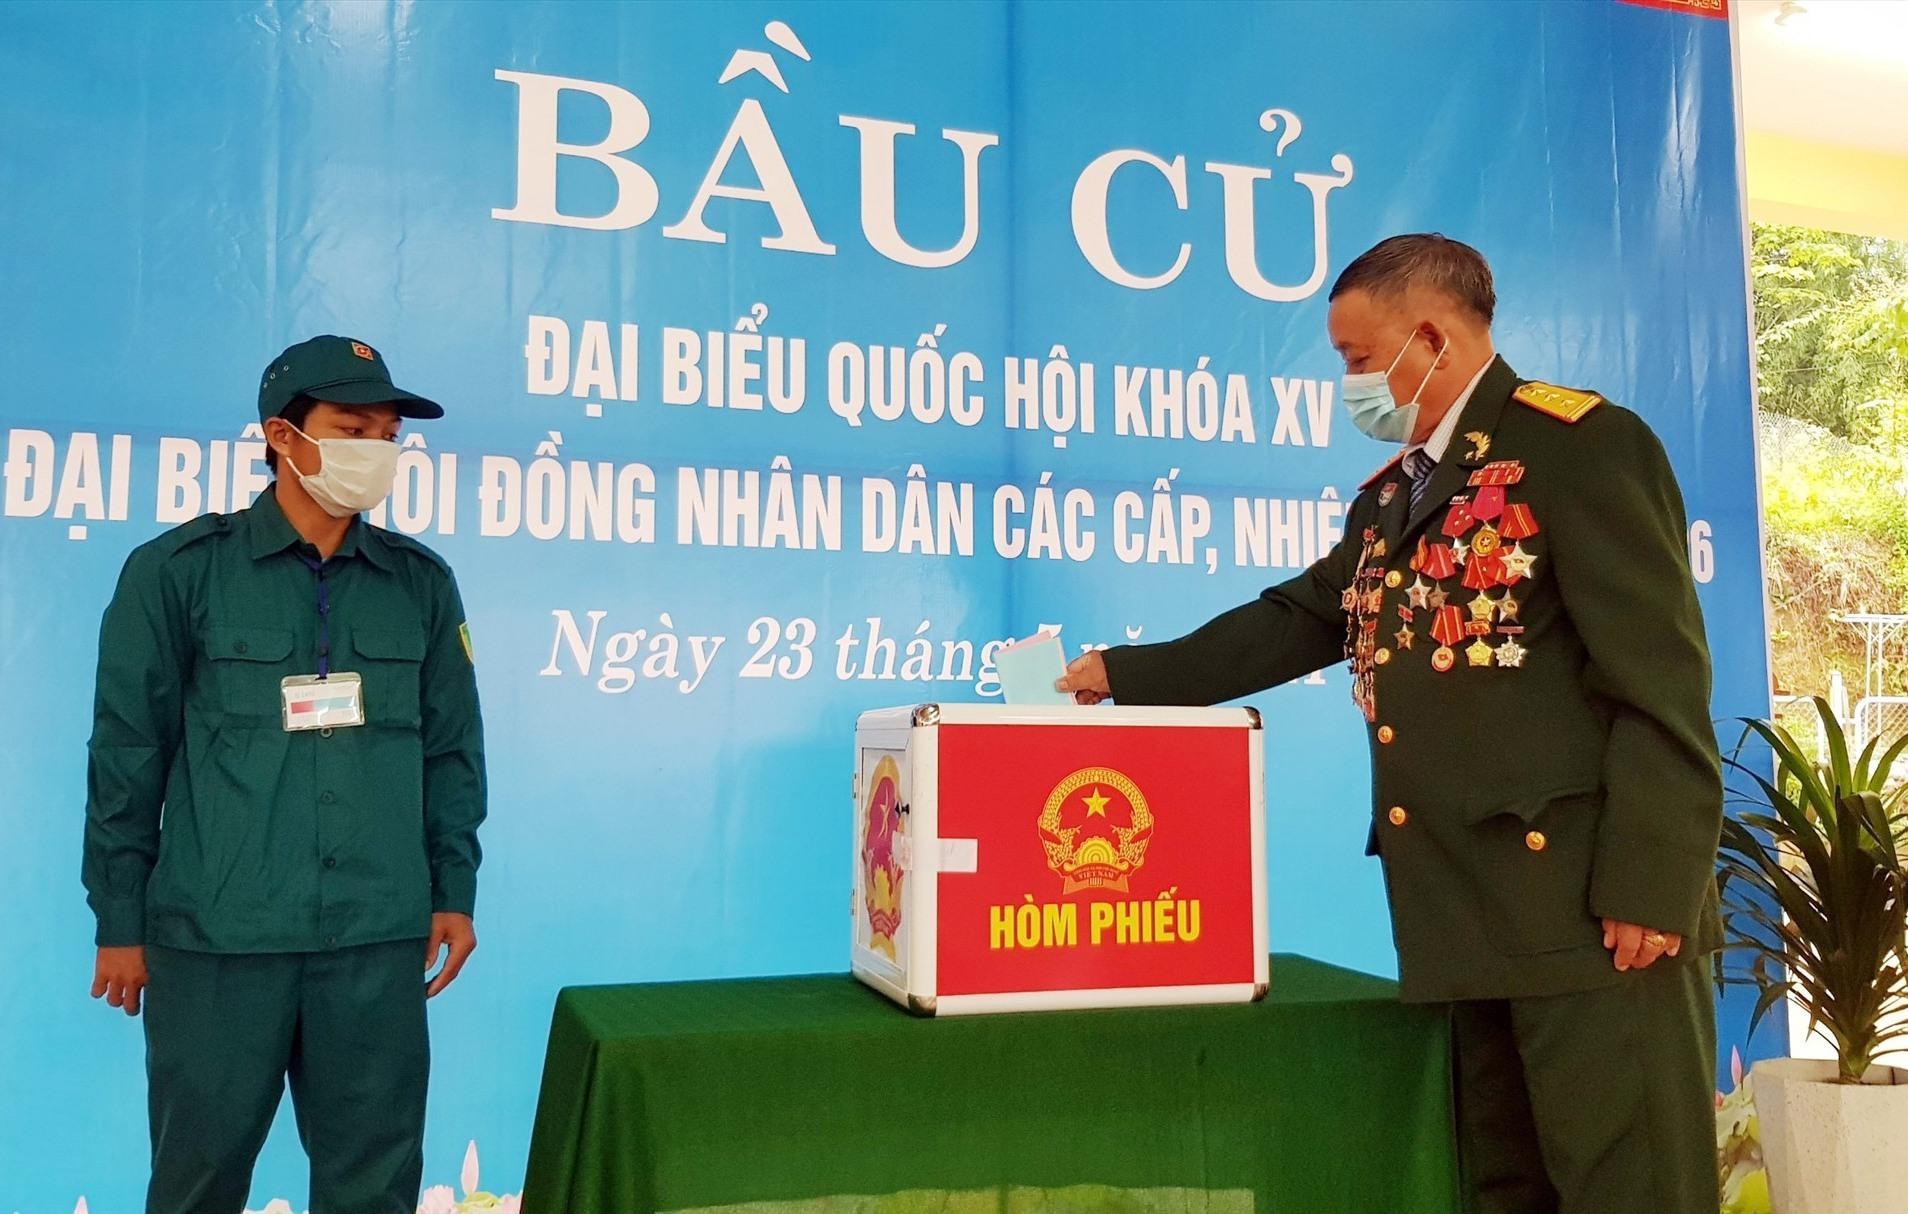 Ngày 23.5, cùng với cả nước 99,94% cử tri Quảng Nam đi bỏ phiếu bầu chọn những người xứng đáng nhất tham gia đại biểu Quốc hội khóa XV và đại biểu HĐND tỉnh các cấp nhiệm kỳ 2021 - 2026. Ảnh: N.Đ